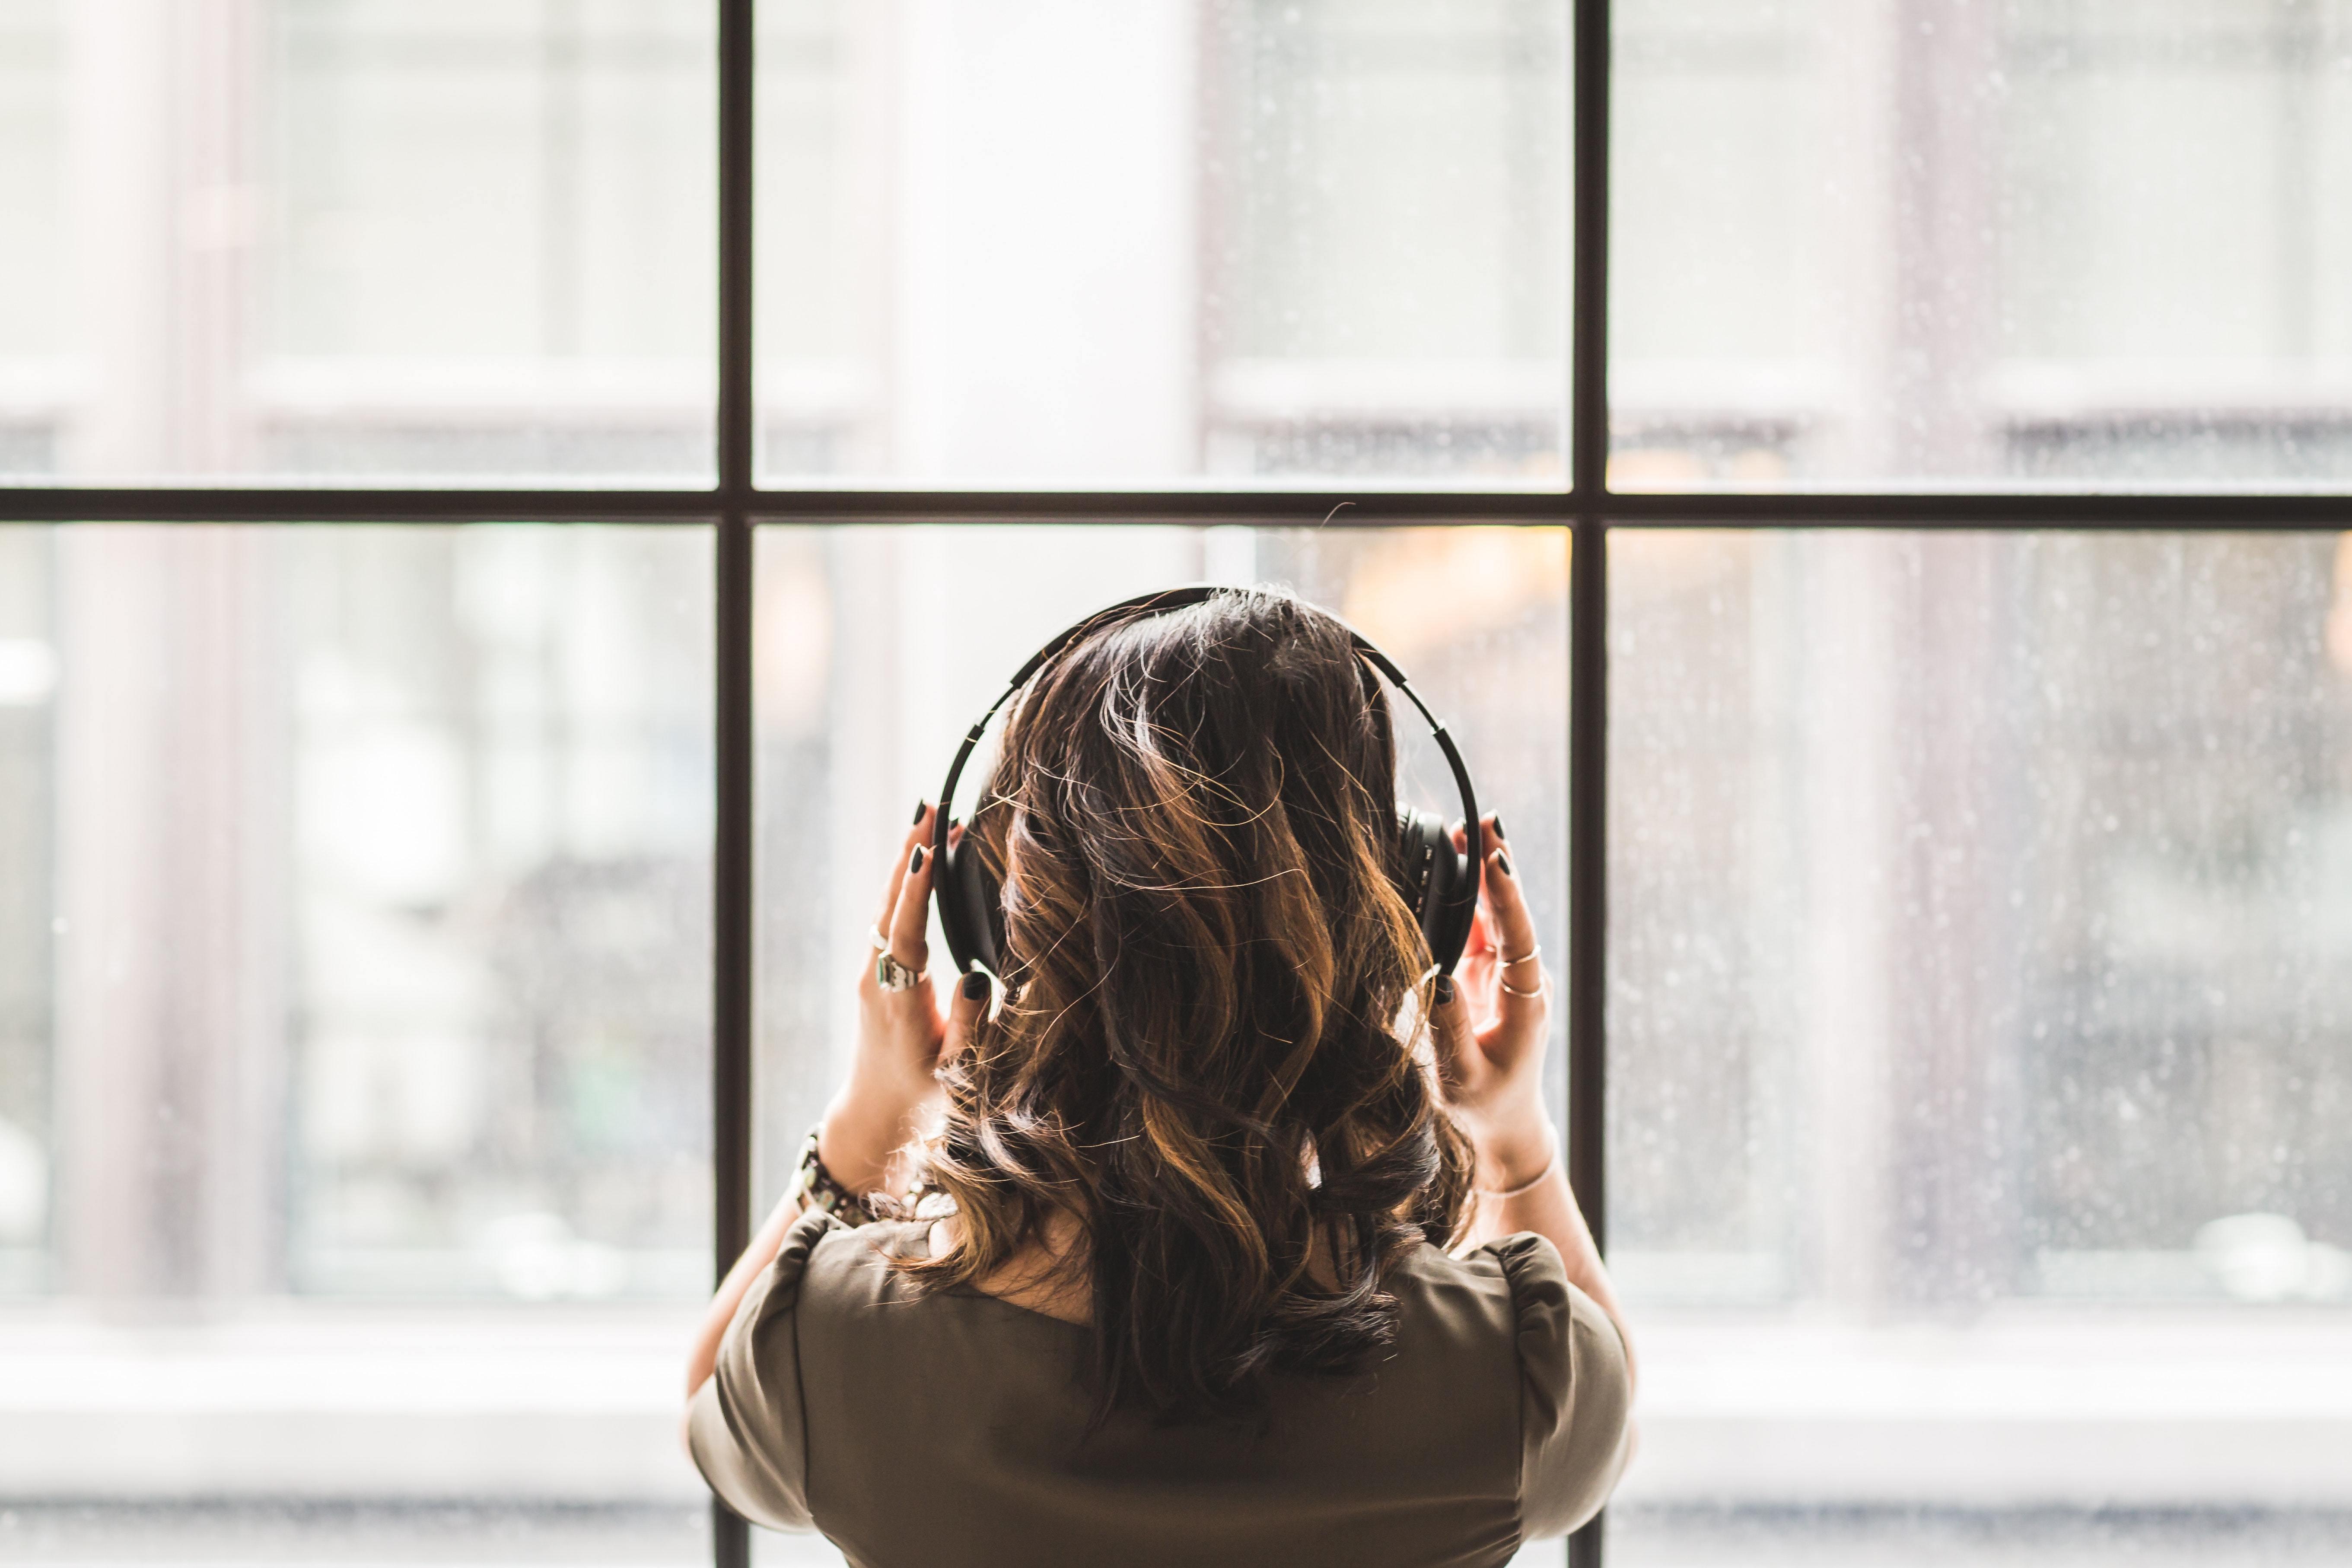 pod - La moda si ascolta